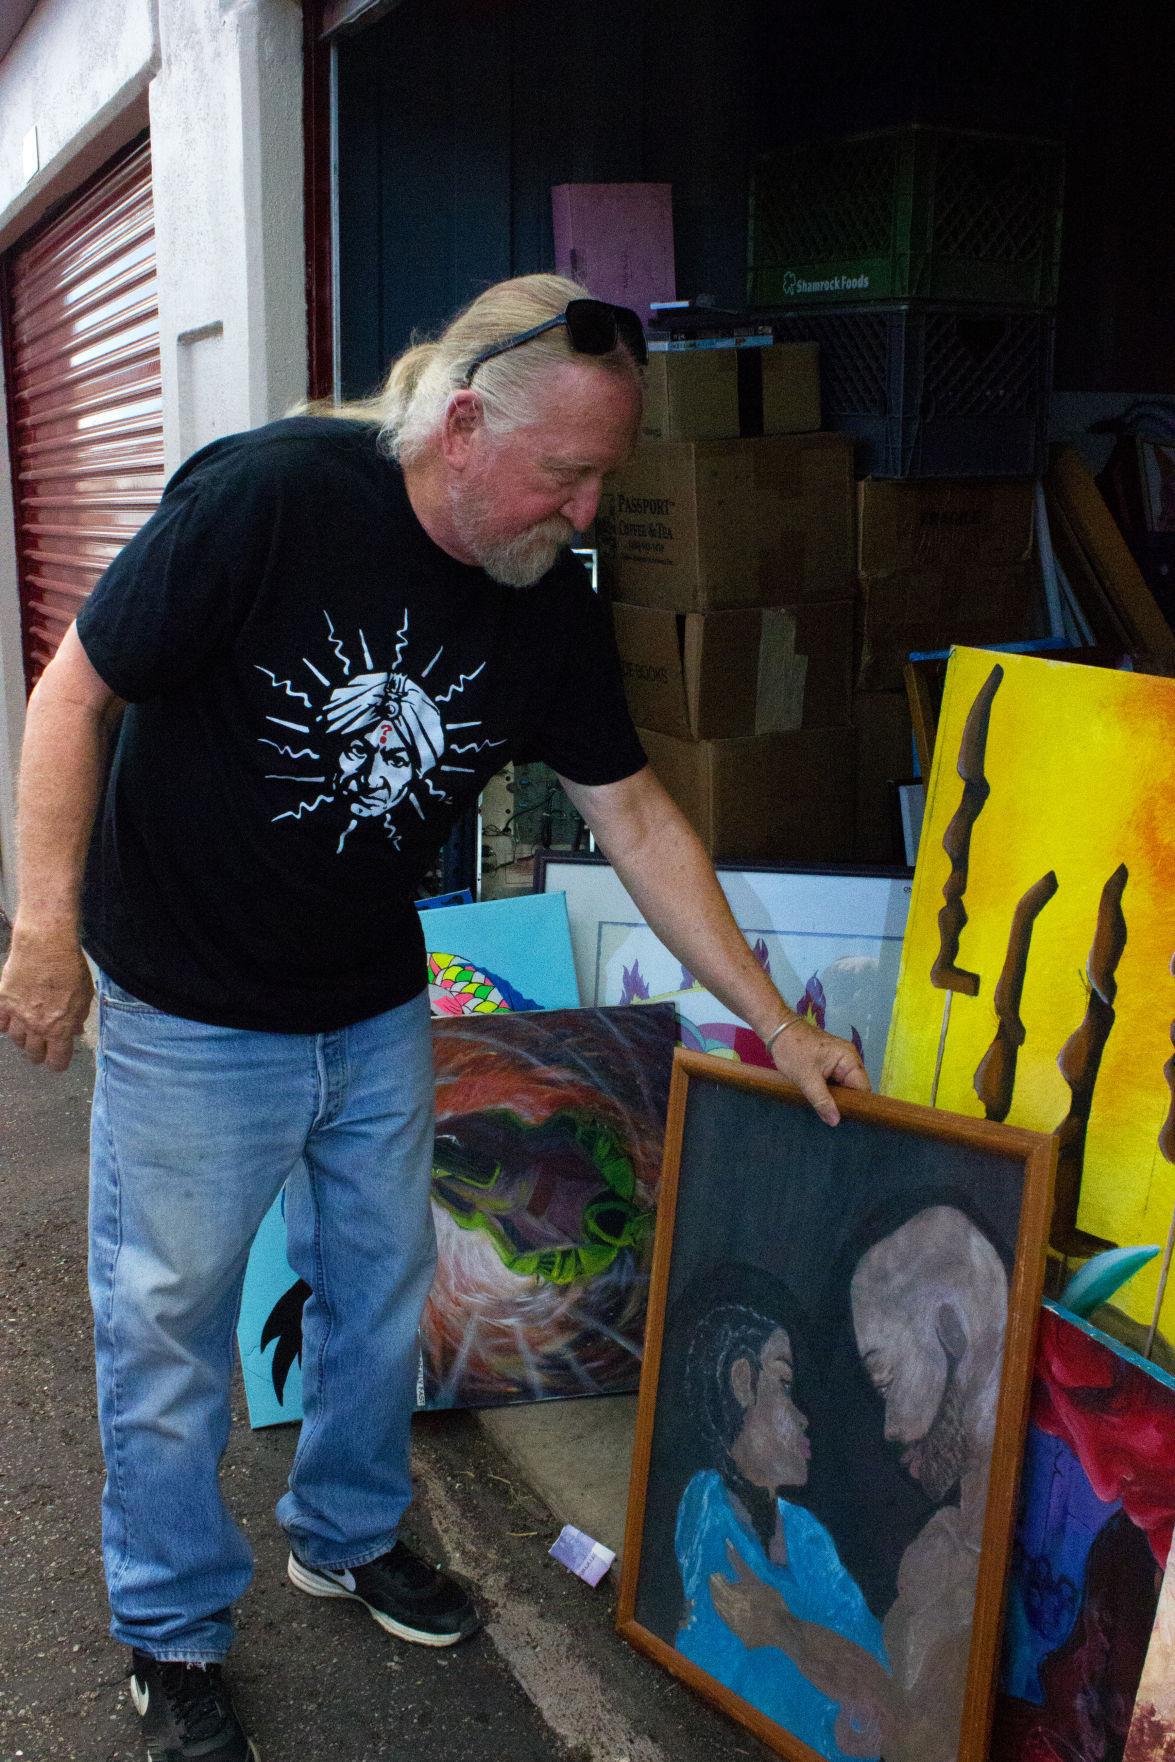 Folk art or joke art Tucson show to celebrate thrift store